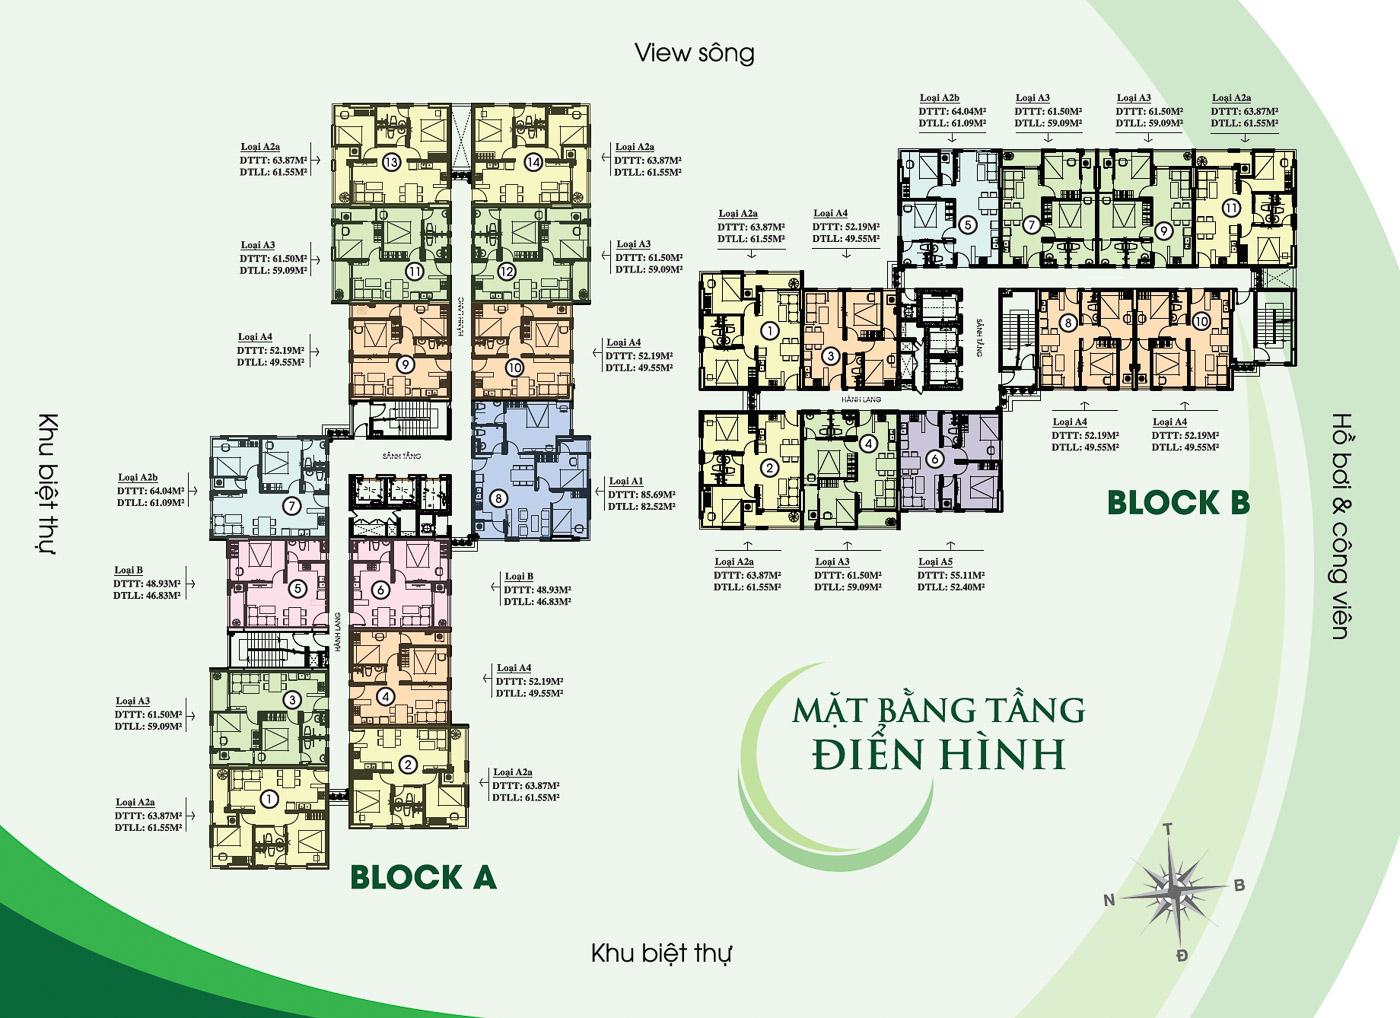 Mặt bằng tầng căn hộ Thủ Thêm Garden quận 9